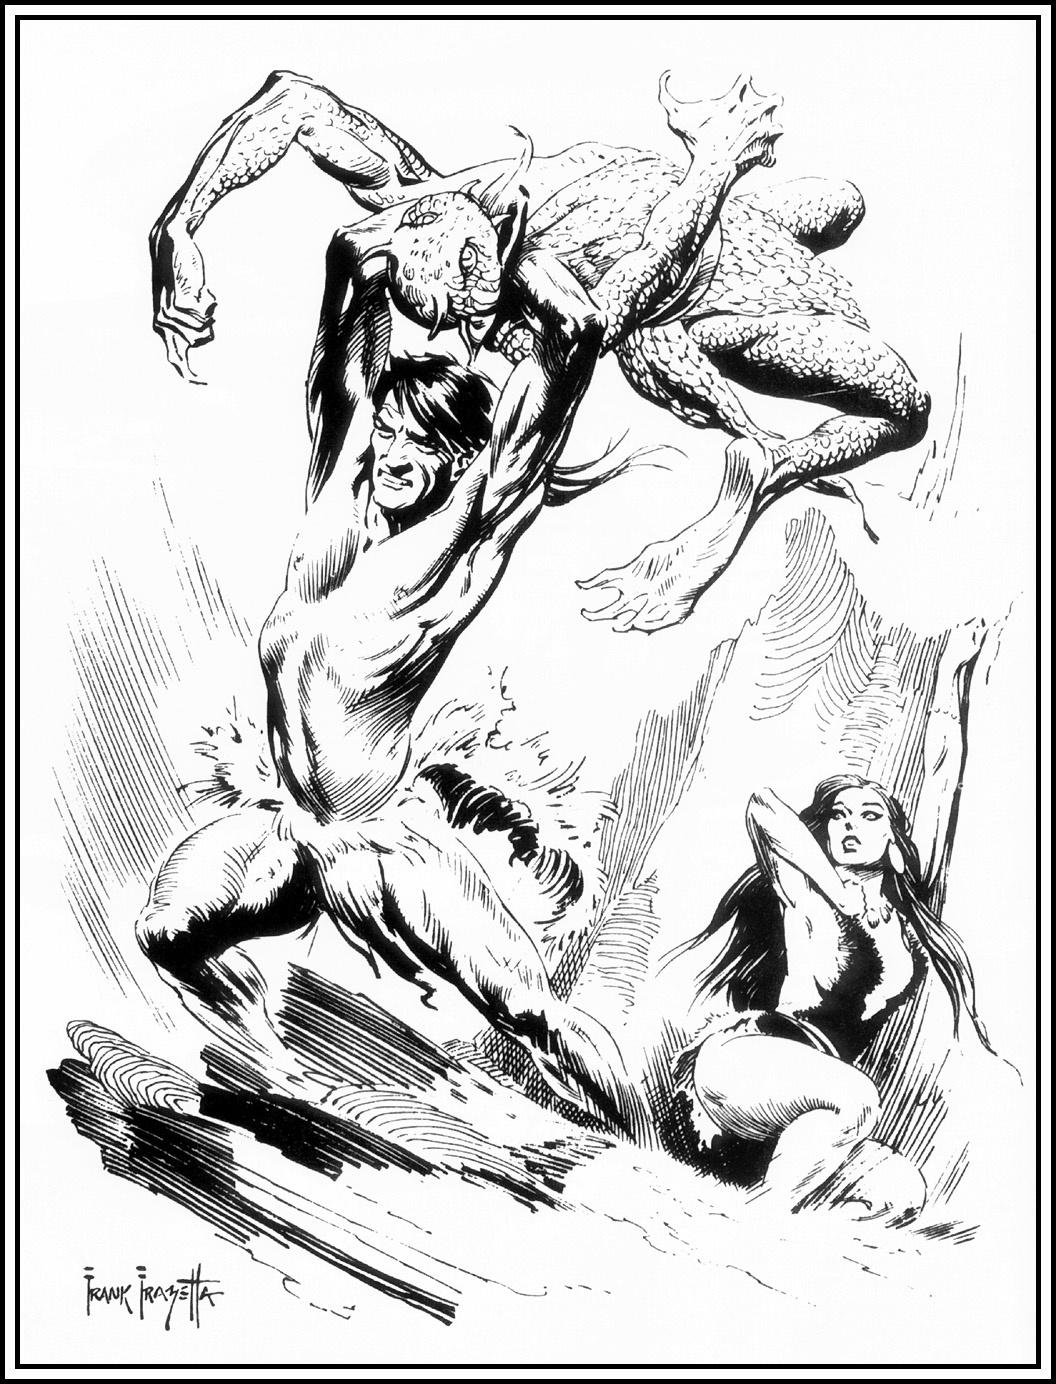 Frank Frazetta. Tarzan in the main land